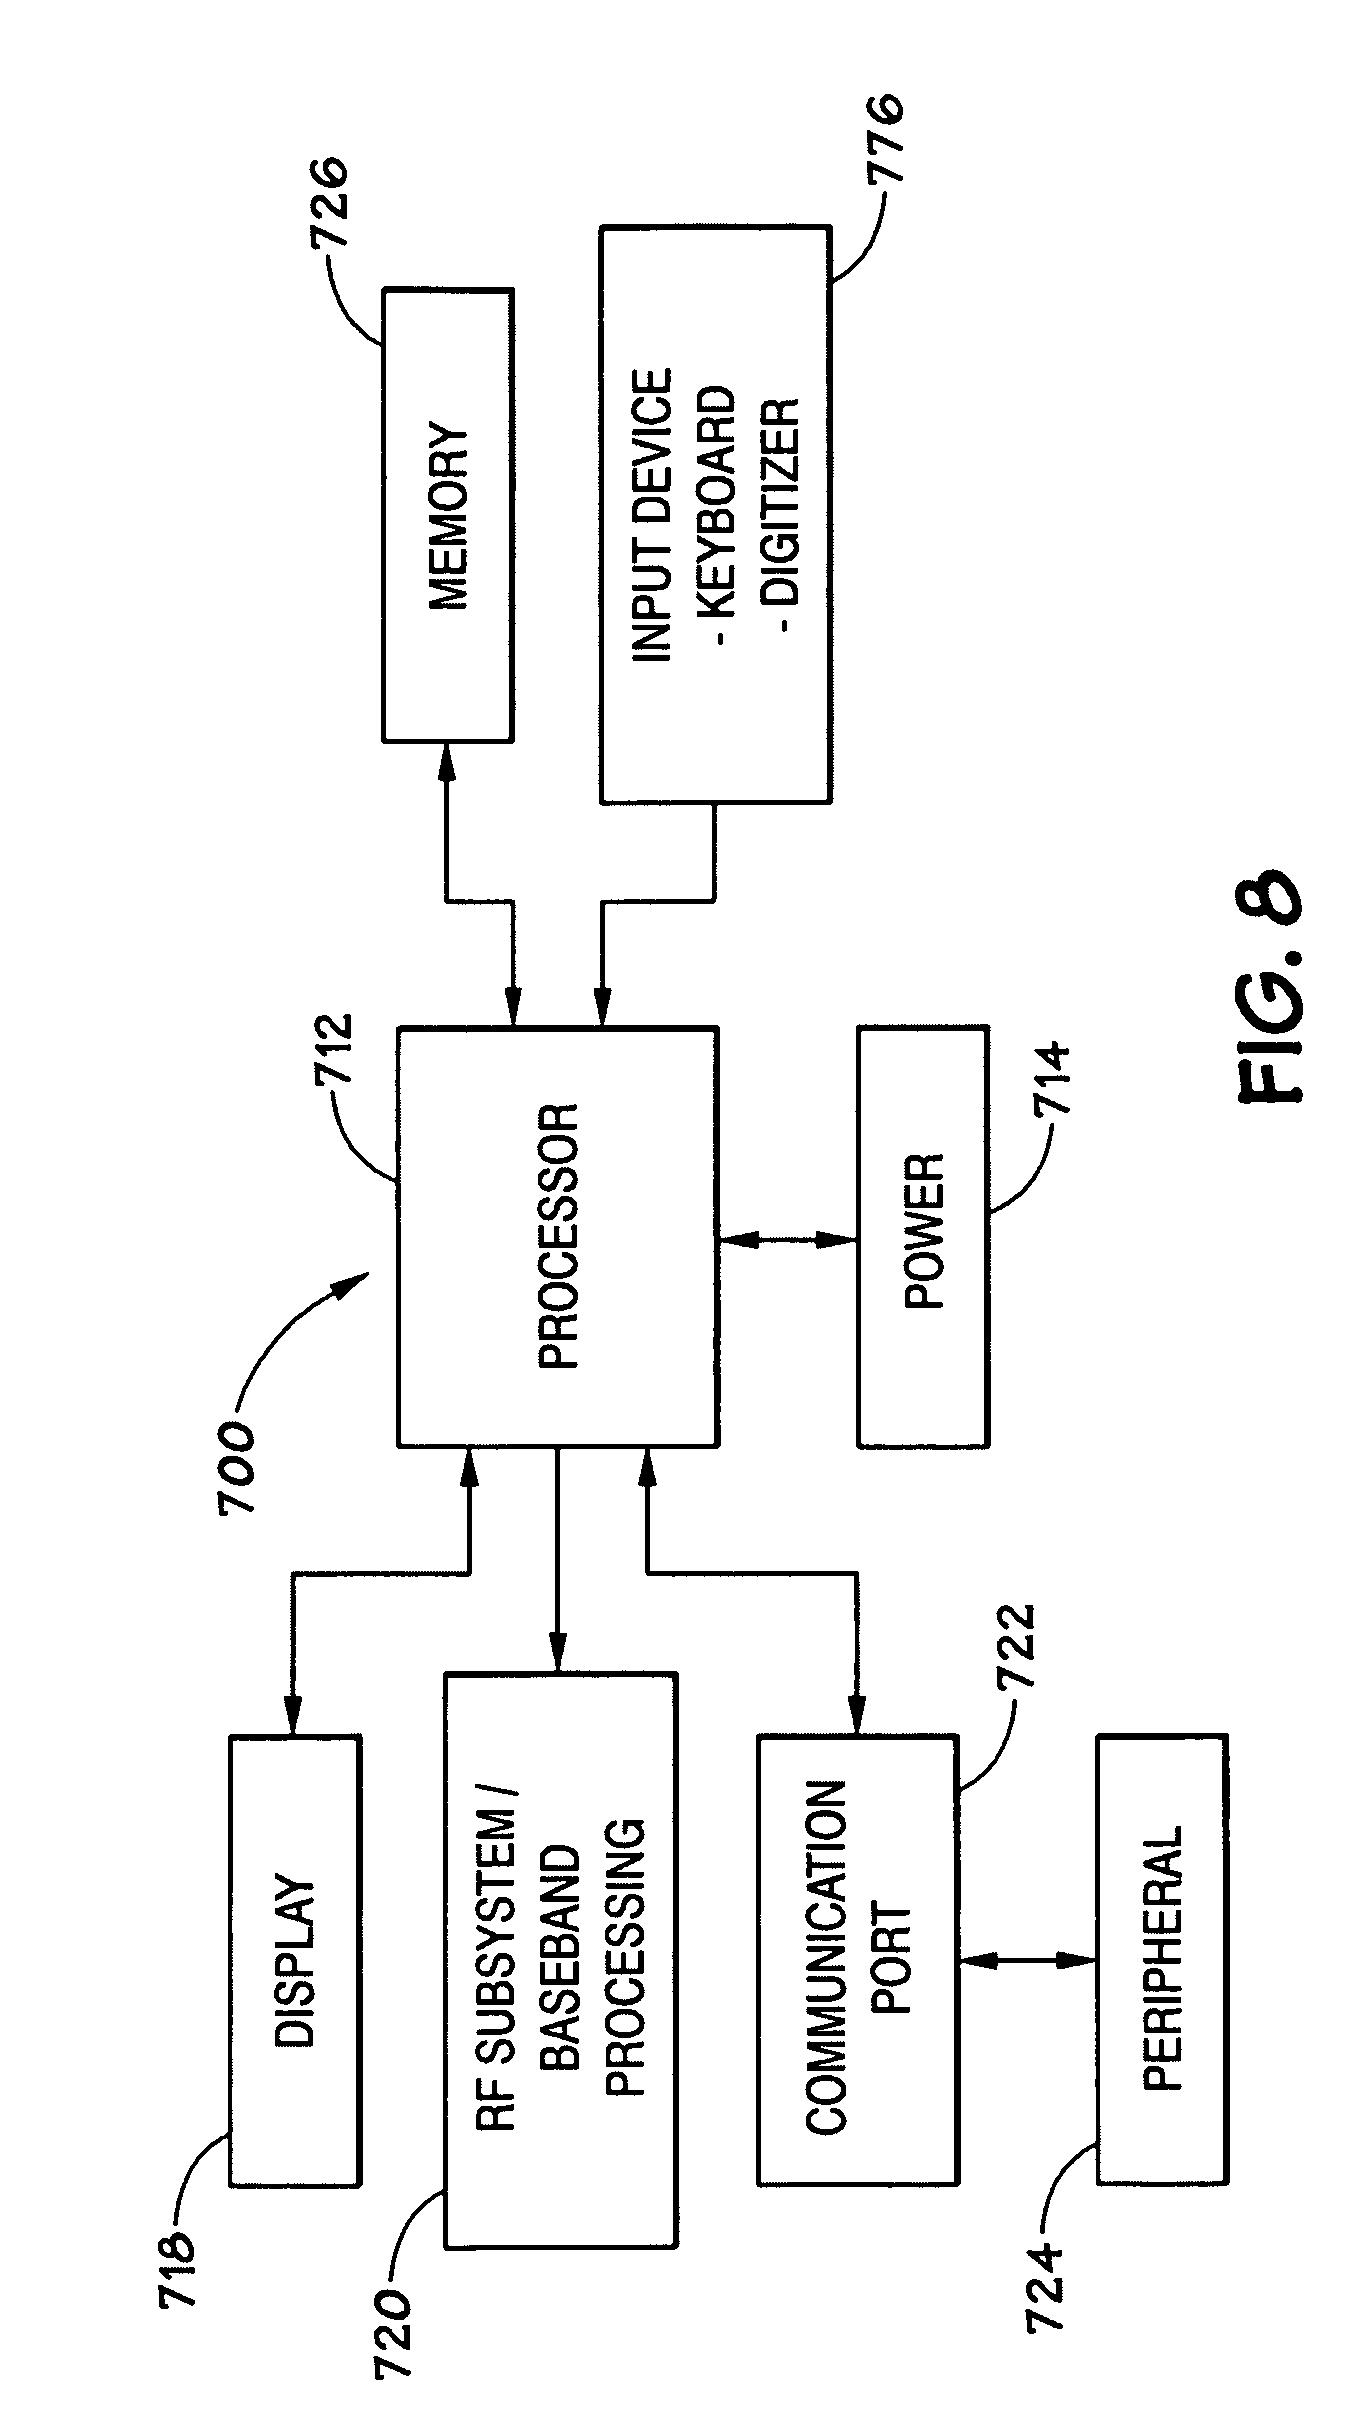 patent us7898857